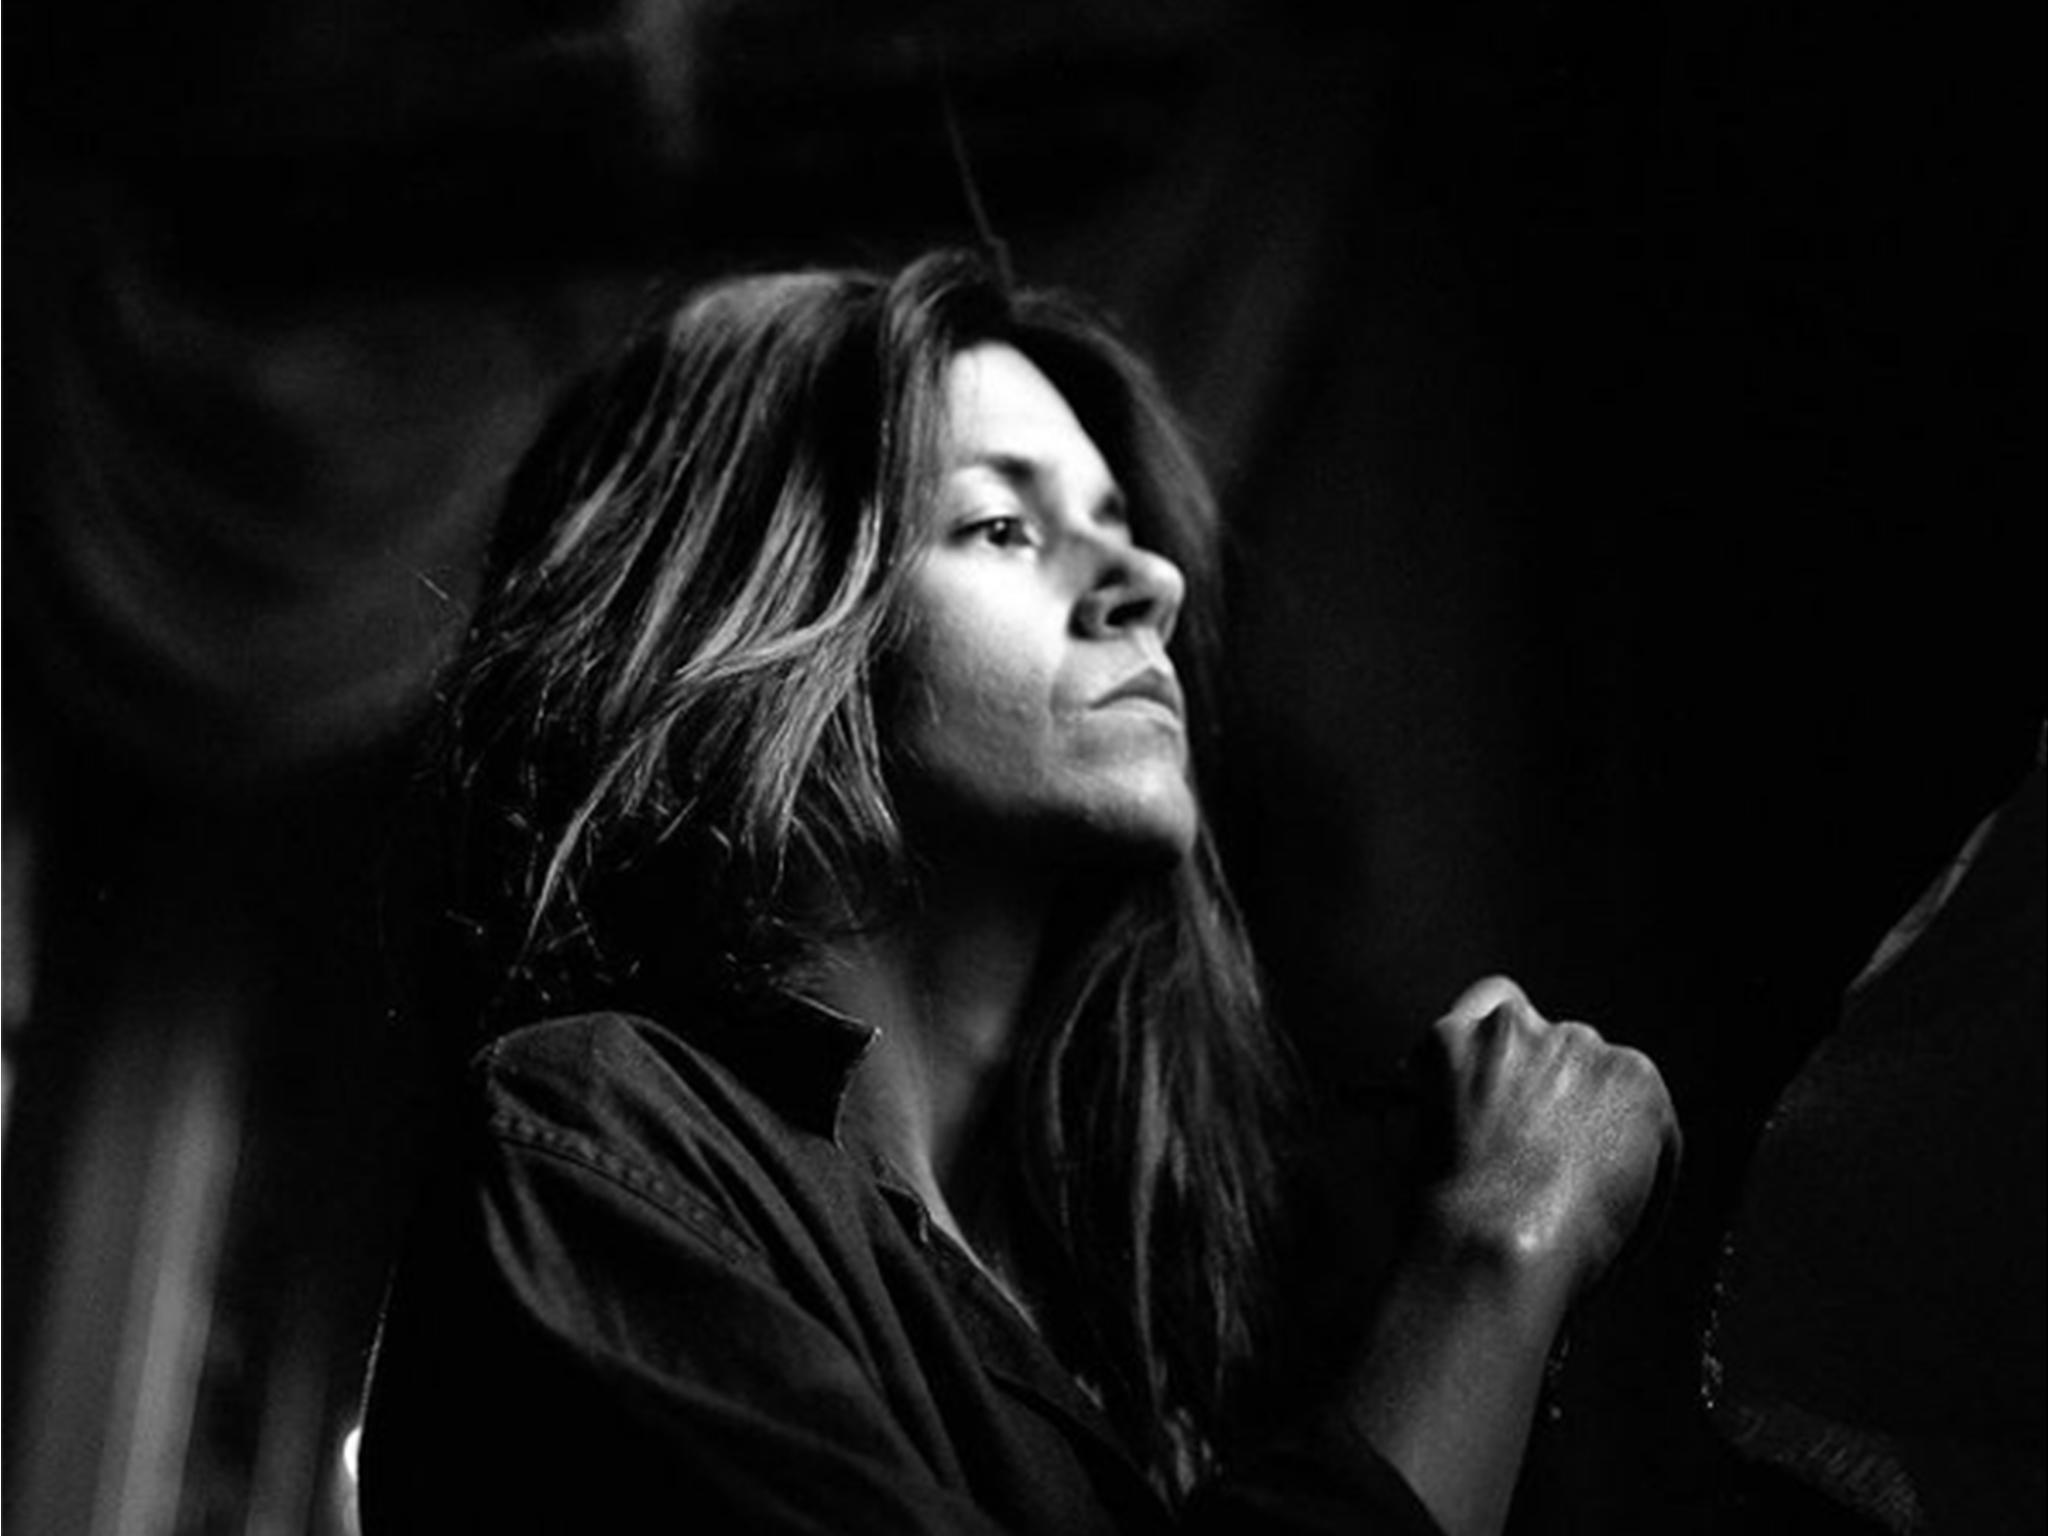 Escritora, Livros, Matilde Campilho